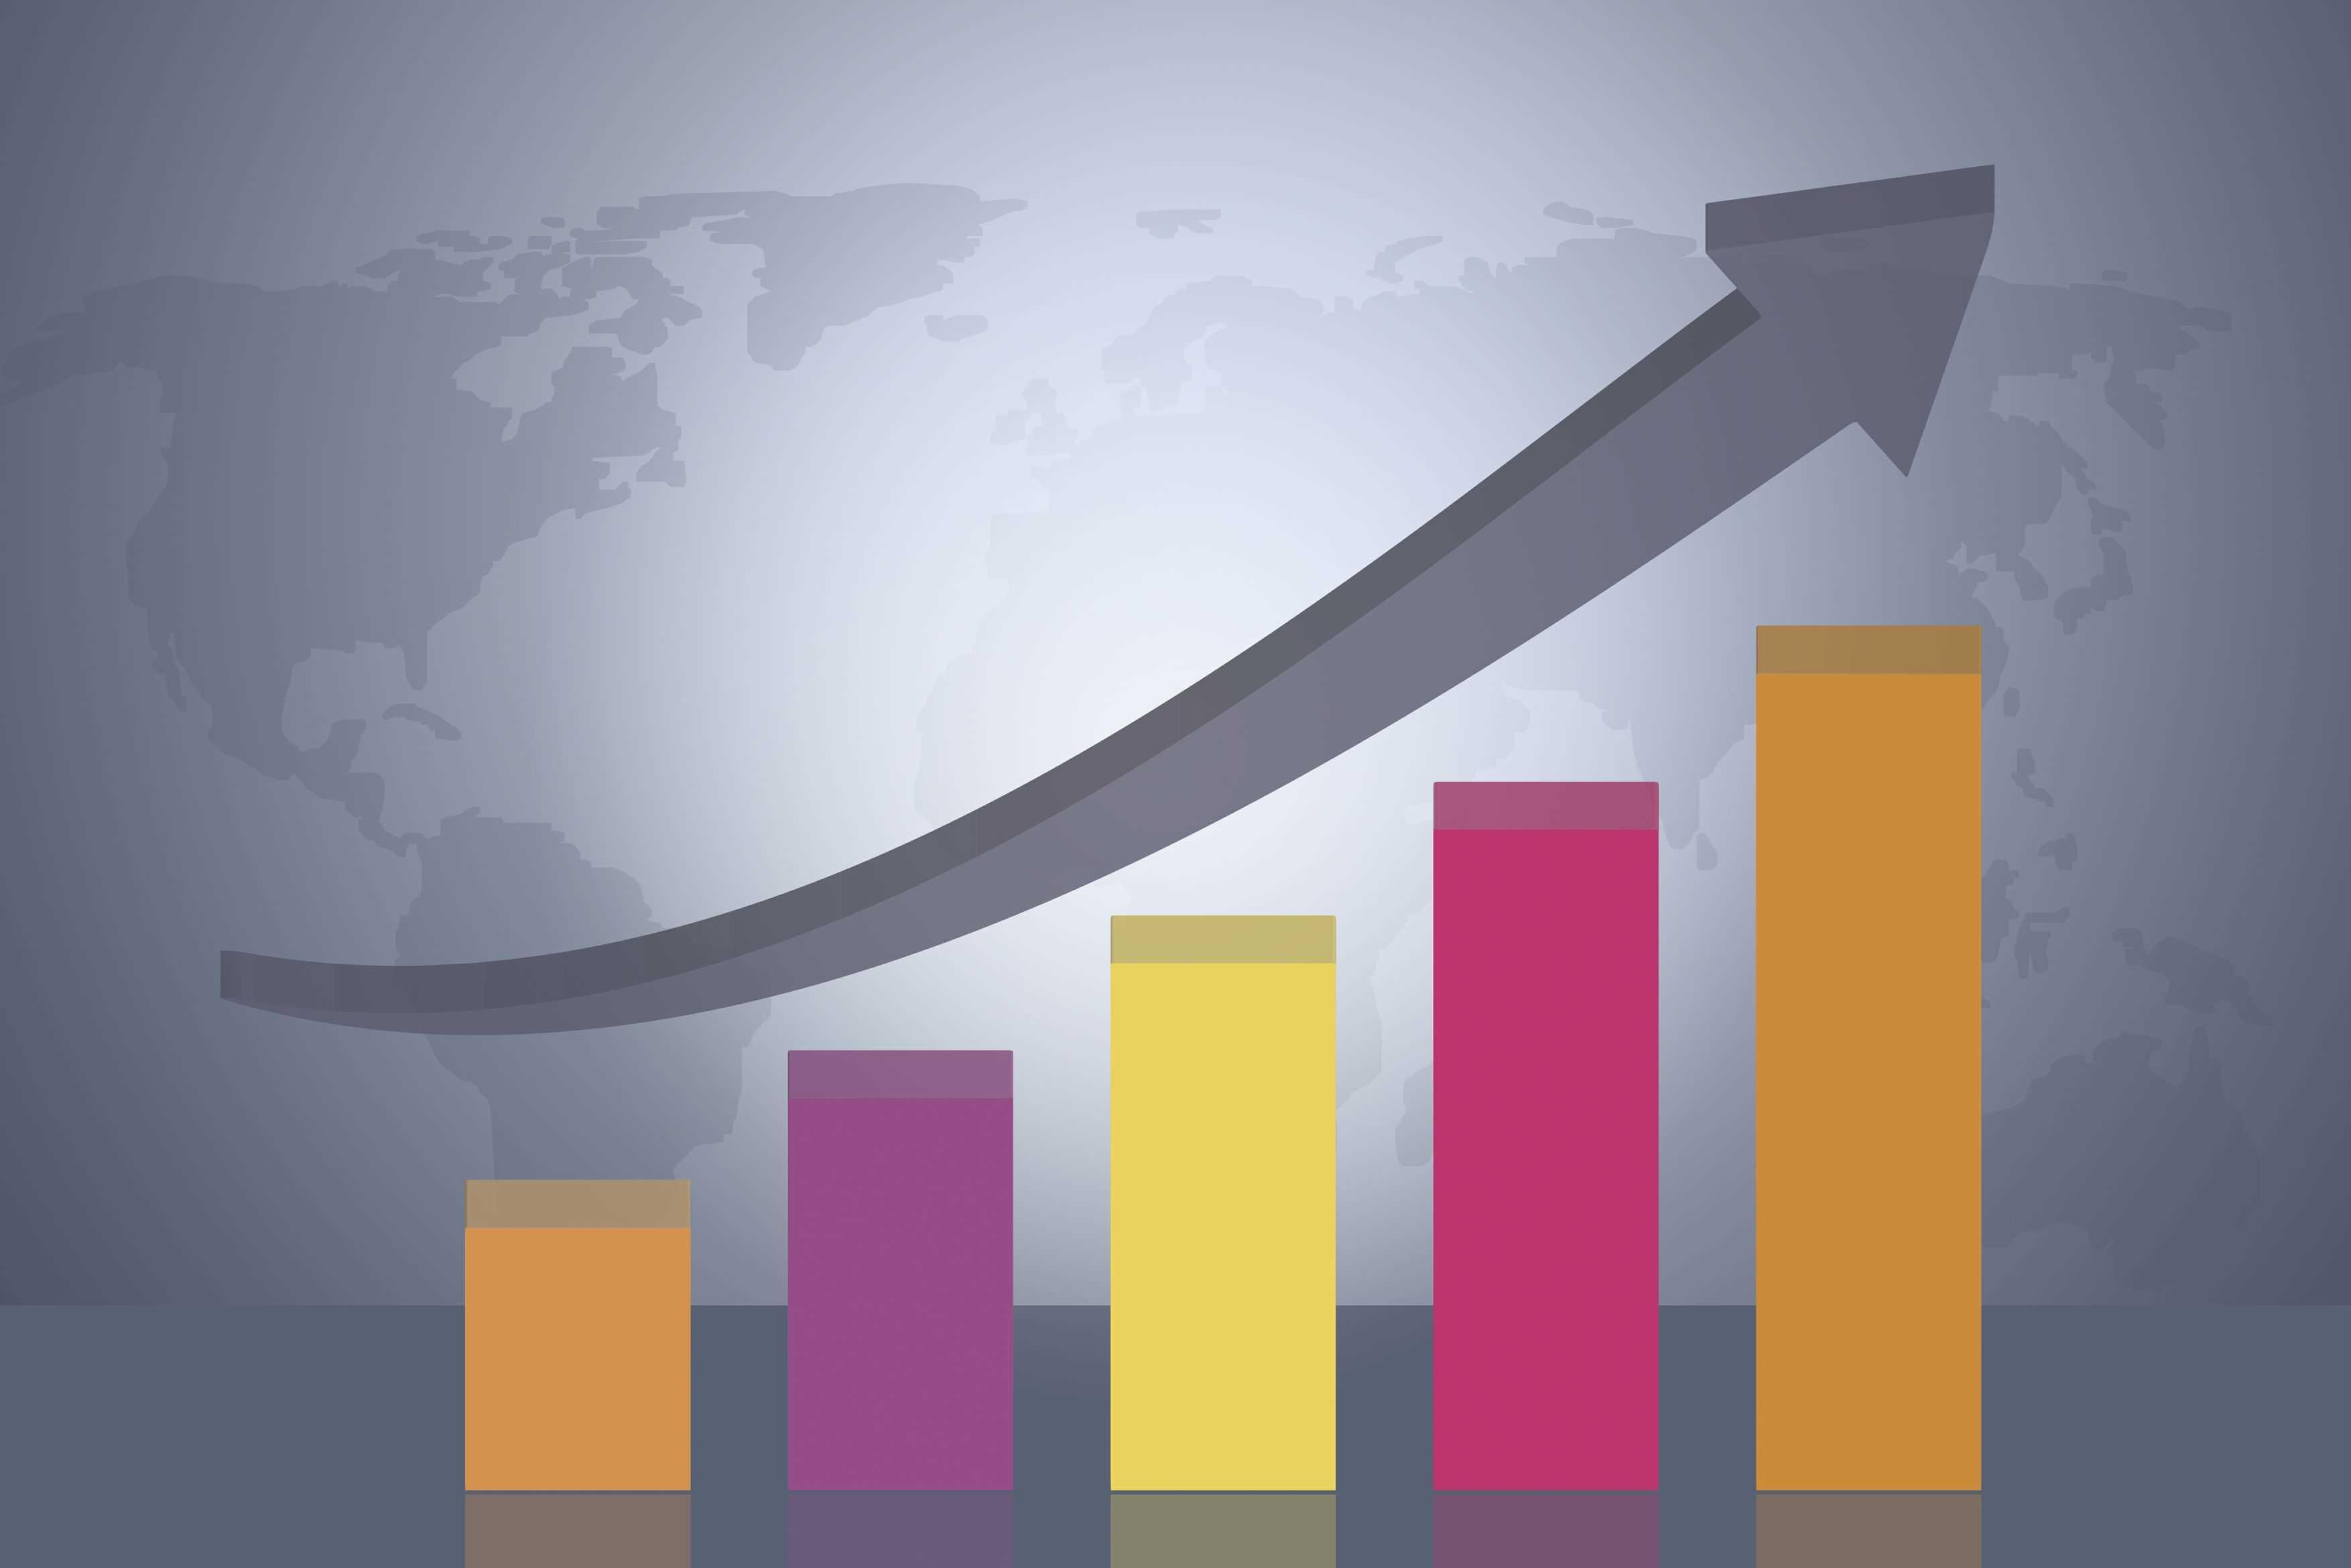 港股复盘:恒指自低点反弹20%迈向技术性牛市,濠赌股全线飙涨